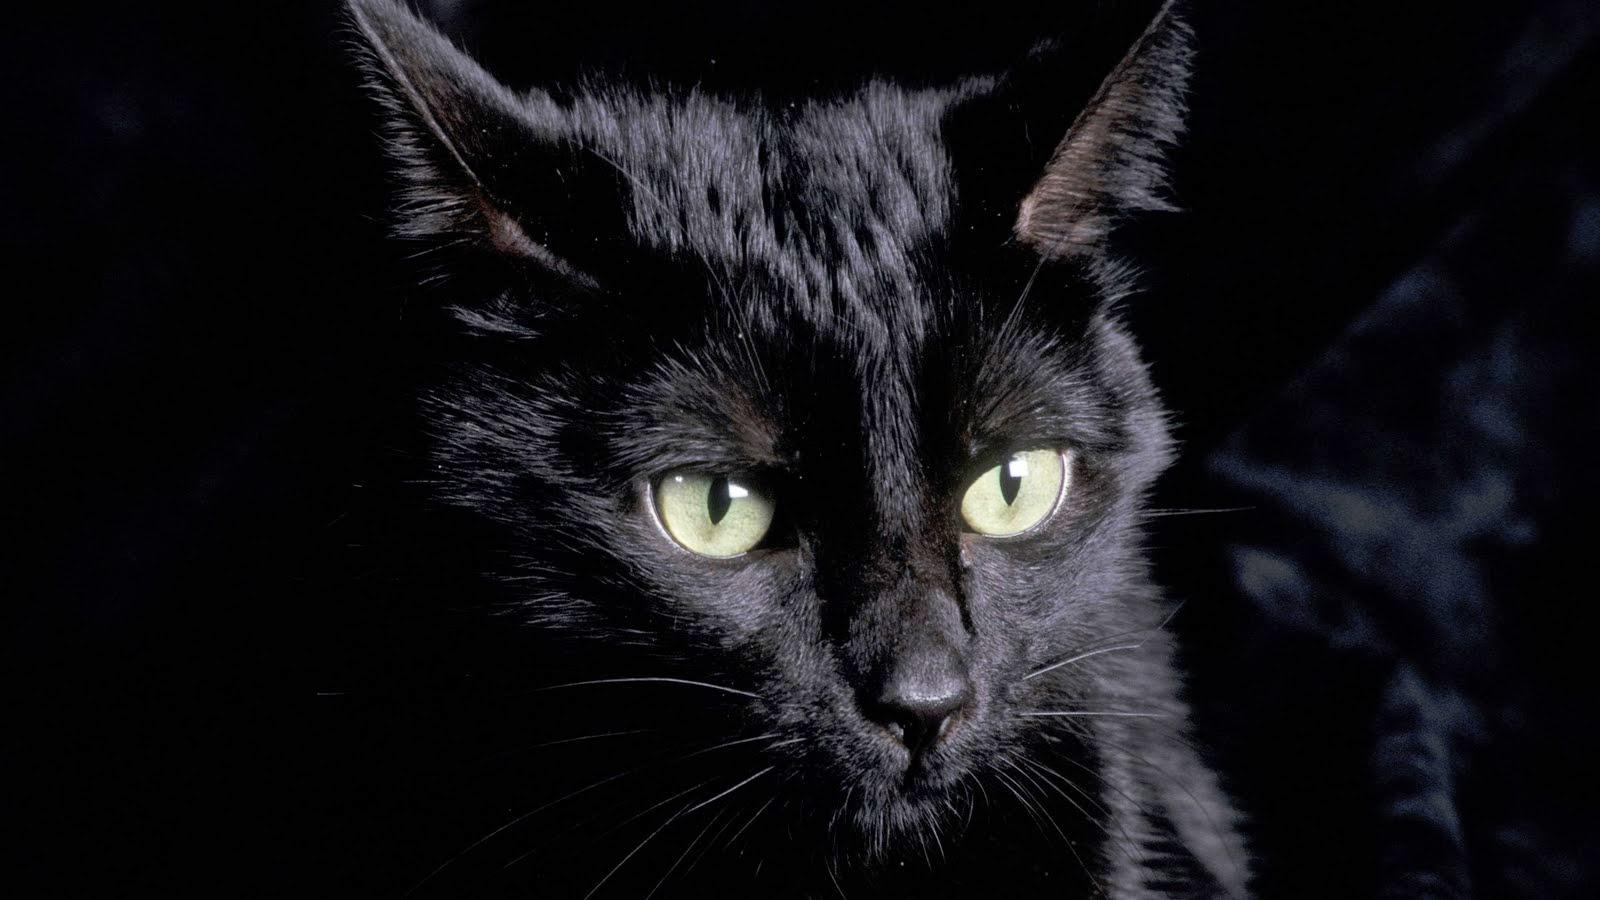 Menabrak Kucing Membawa Sial  (Antara Mitos dan Logika)